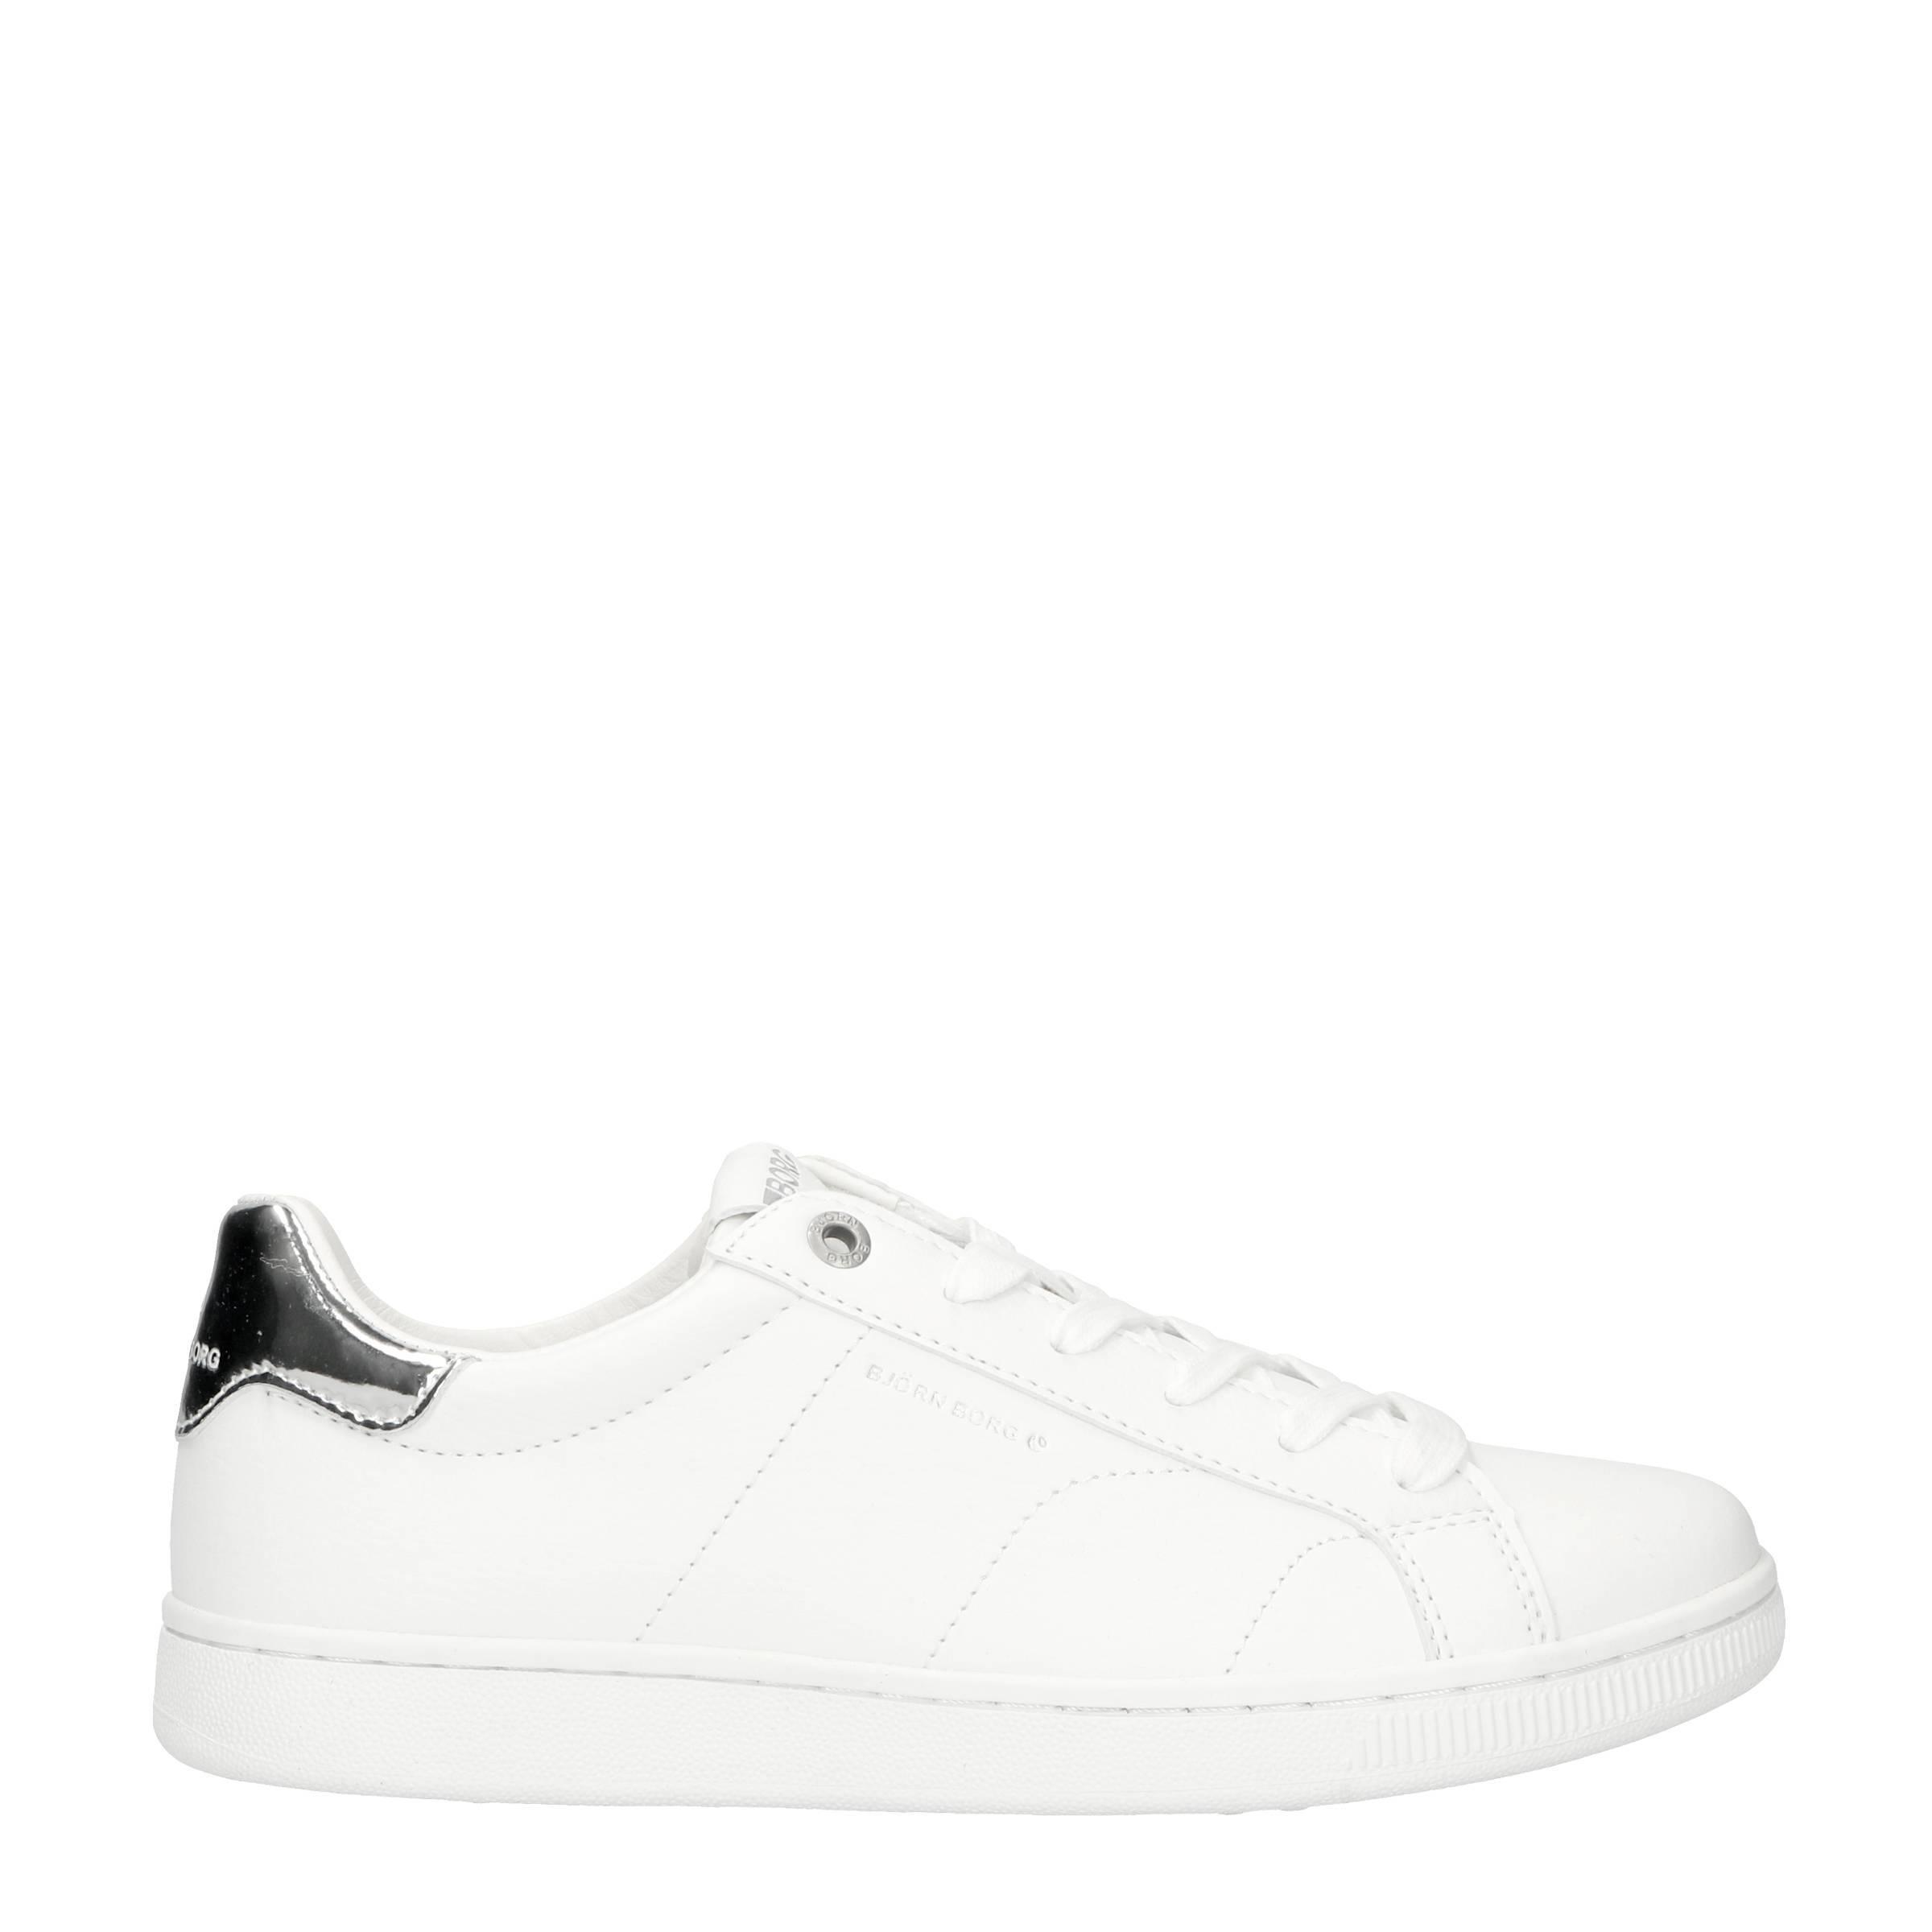 goed frisse stijlen hoe te kopen T305 LOW CLS W sneakers wit/zilver